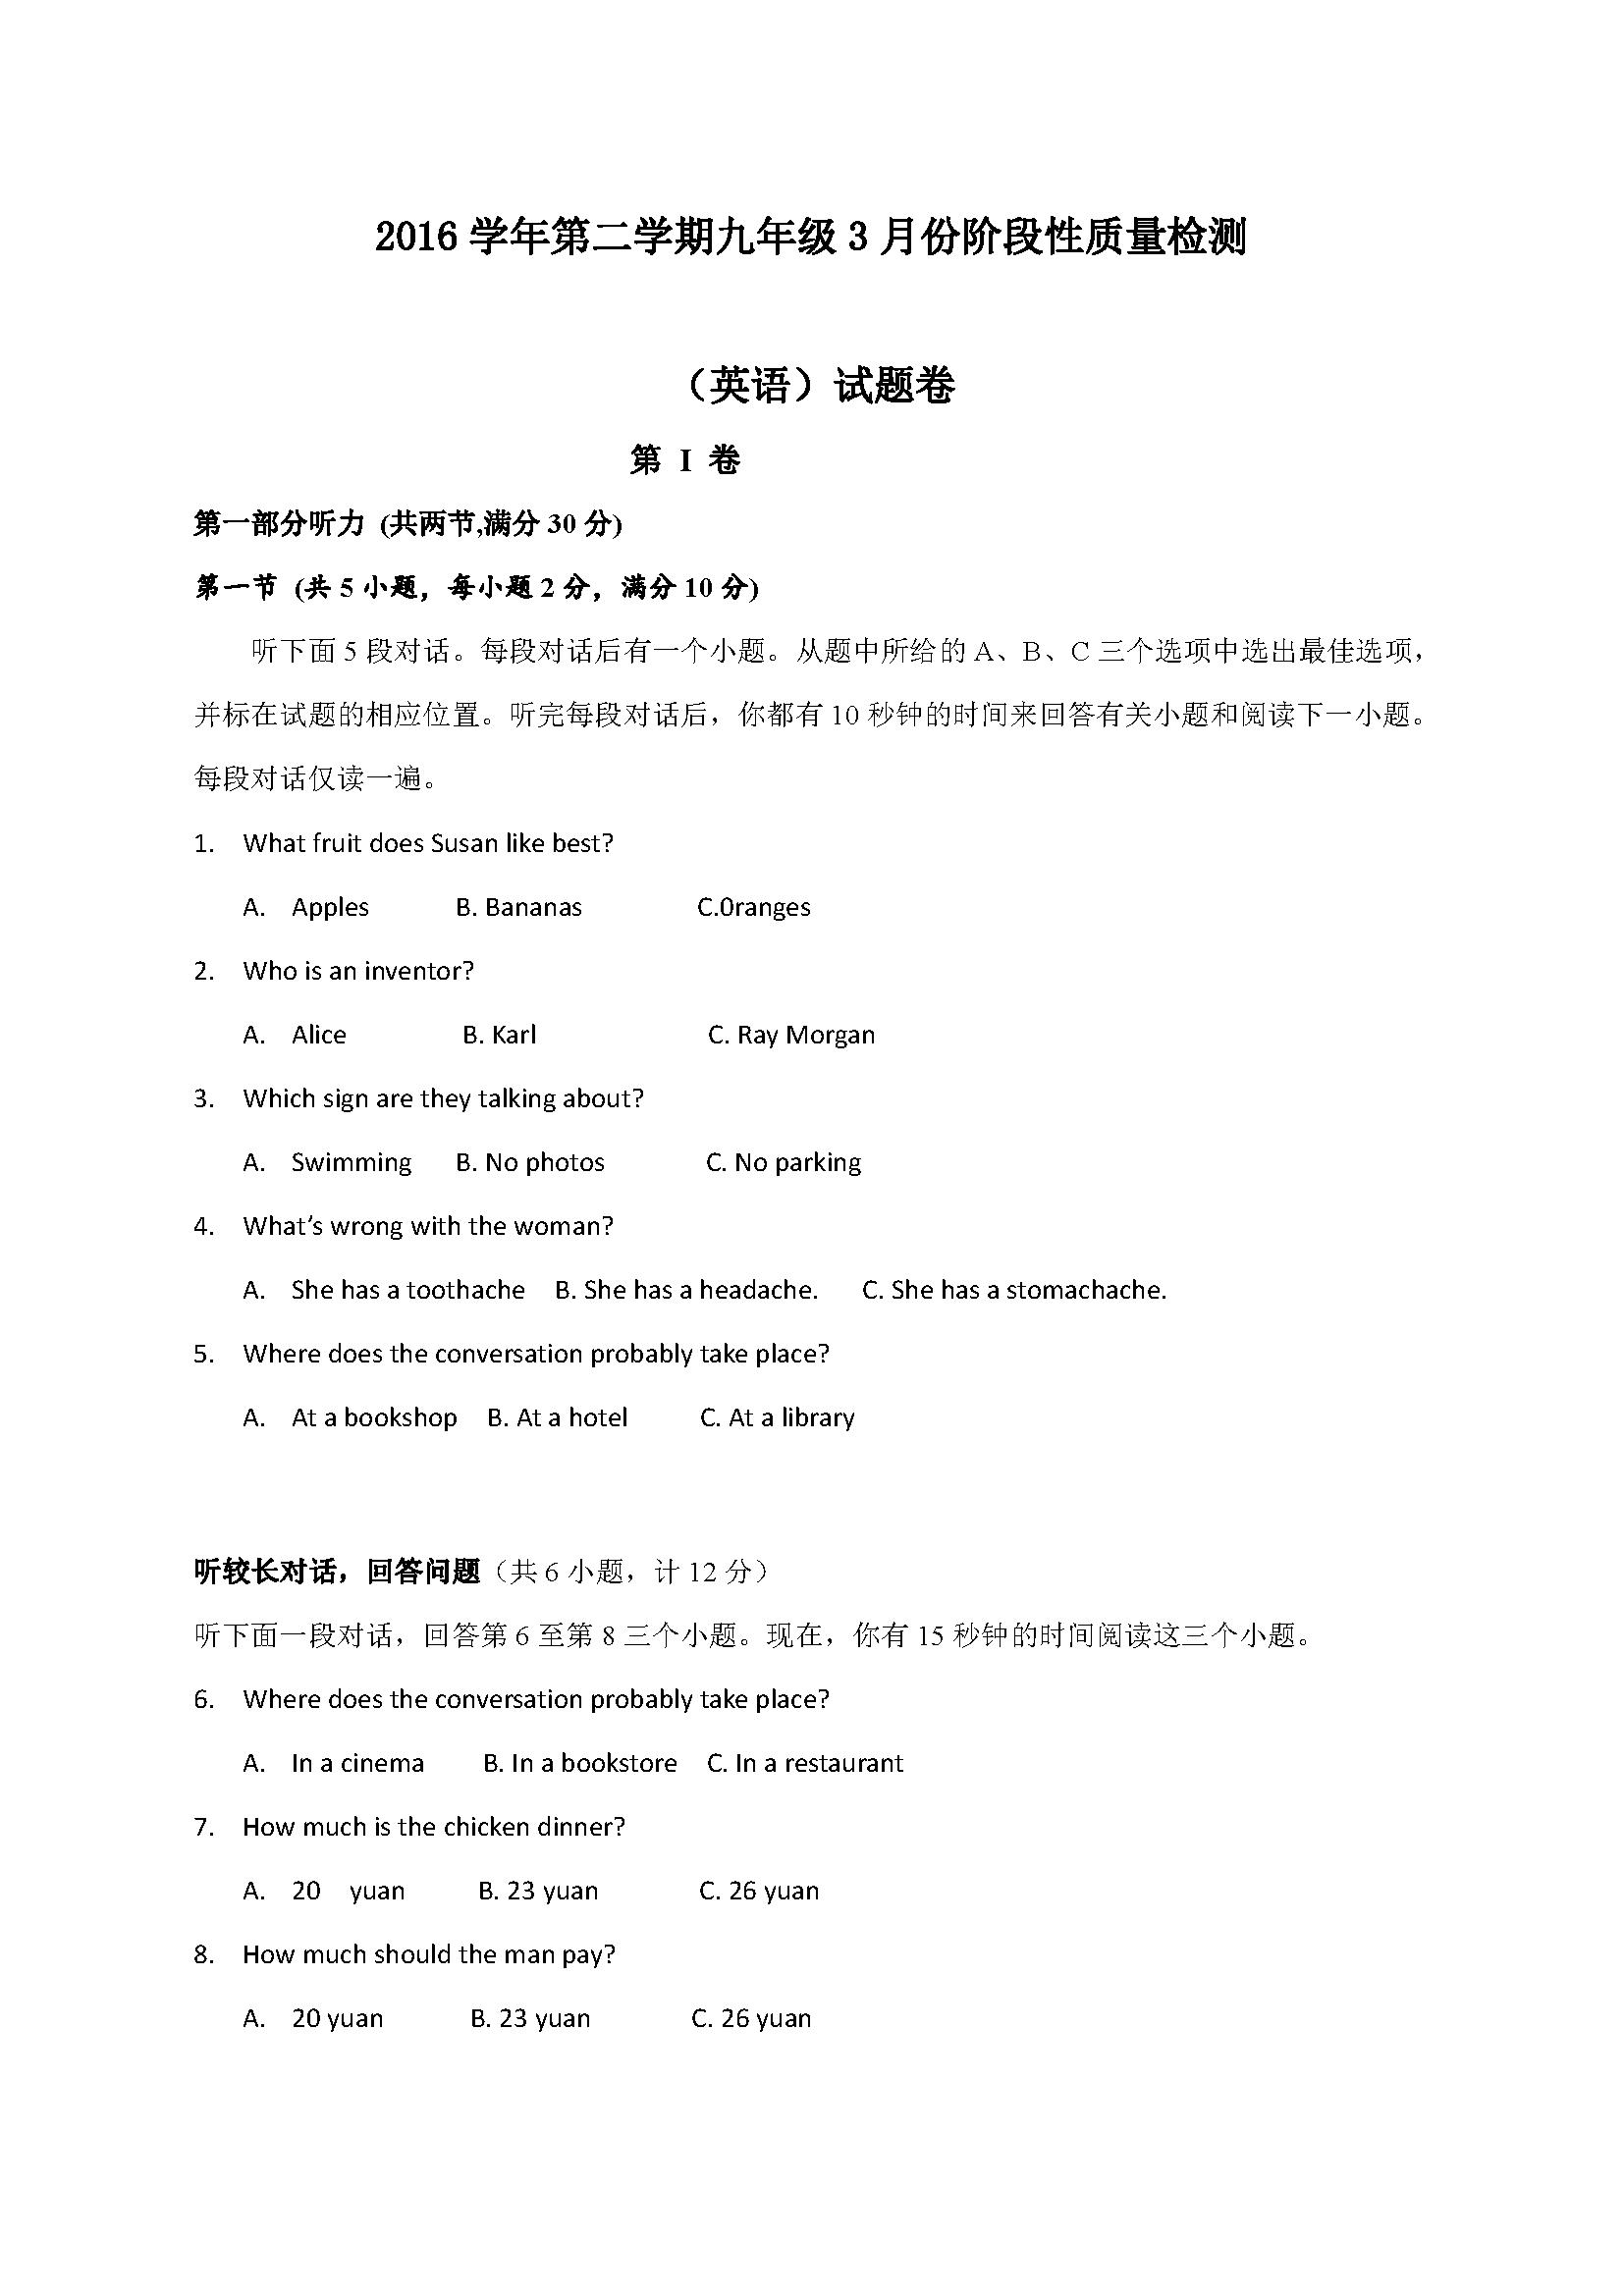 浙江杭州清河中学2017九年级3月模拟英语试题(图片版)